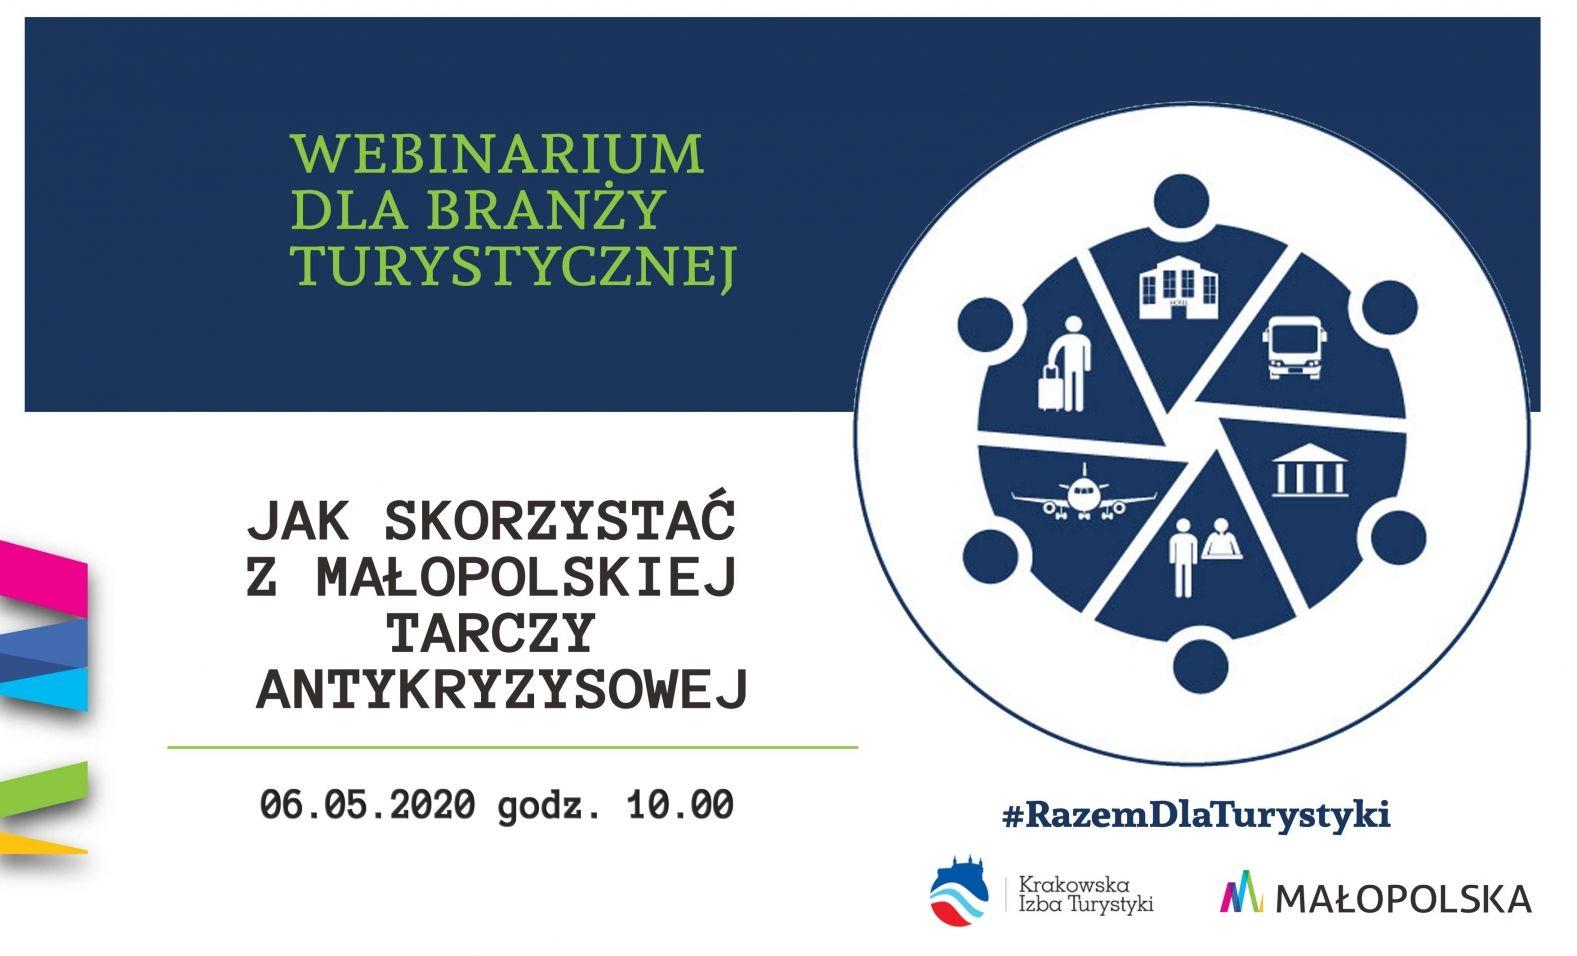 Webinarium dla branży turystycznej- plakat, informacyjny, zaproszenie